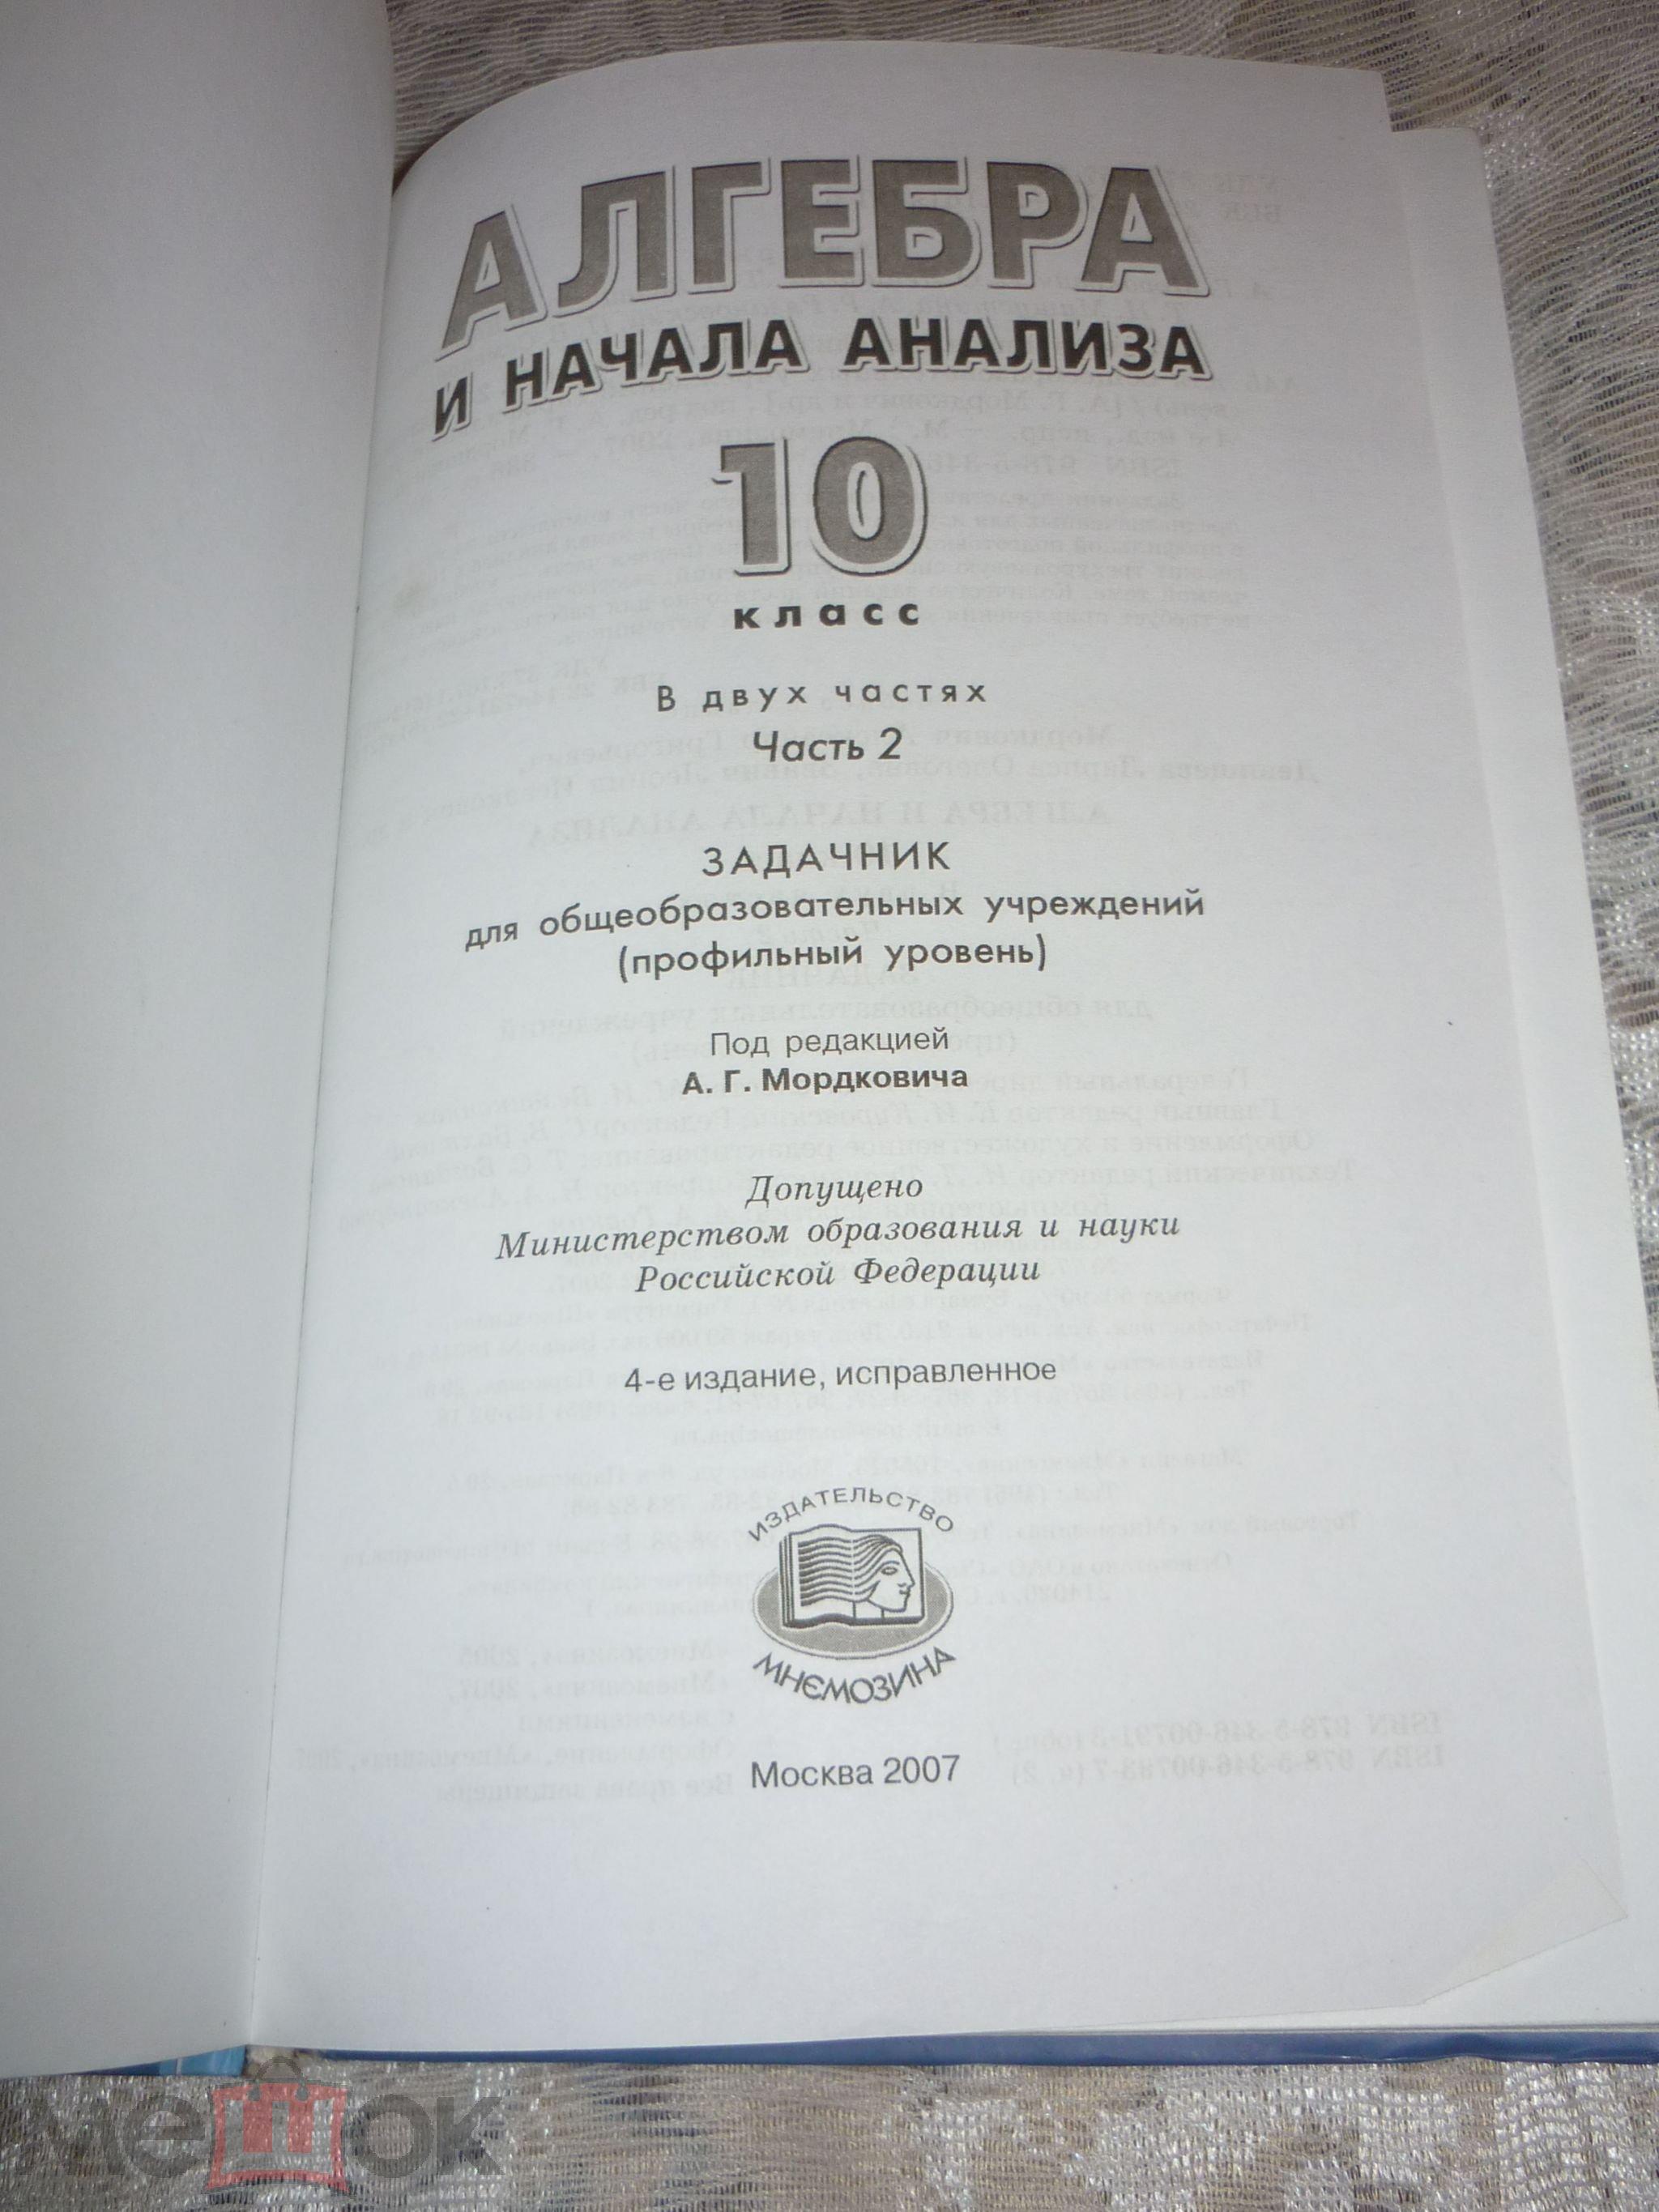 Гост рв 15 307-2002 скачать бесплатно в хорошем качестве а pdf